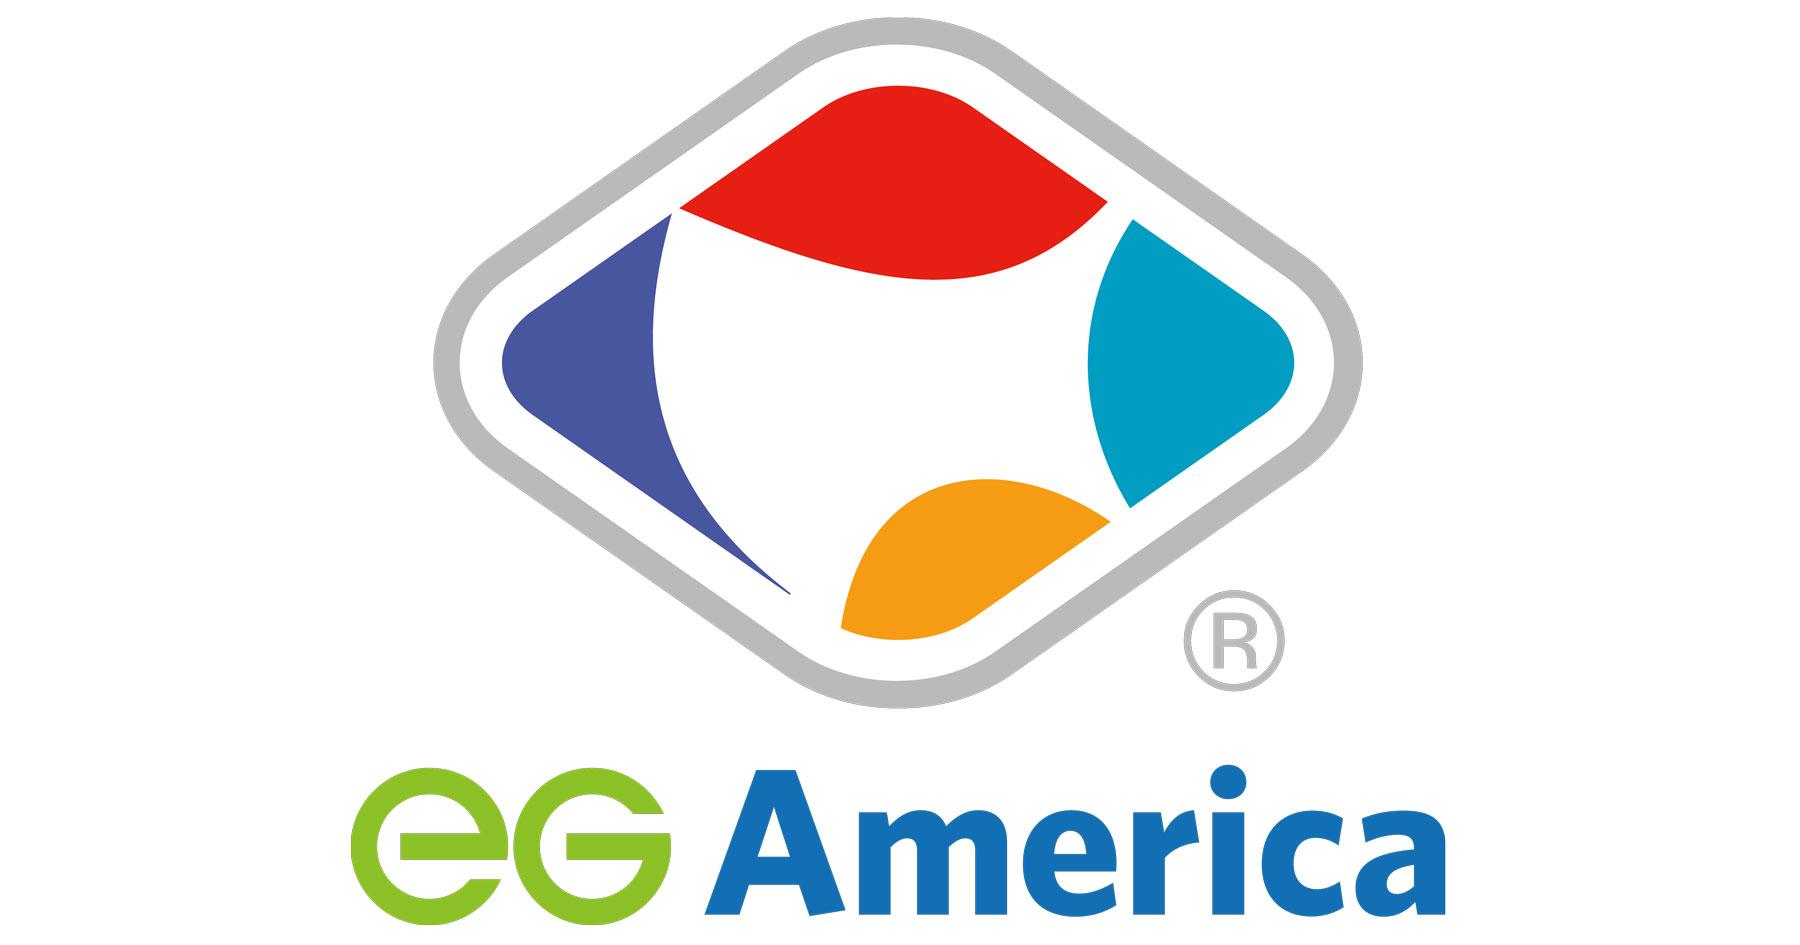 EG America Names New President